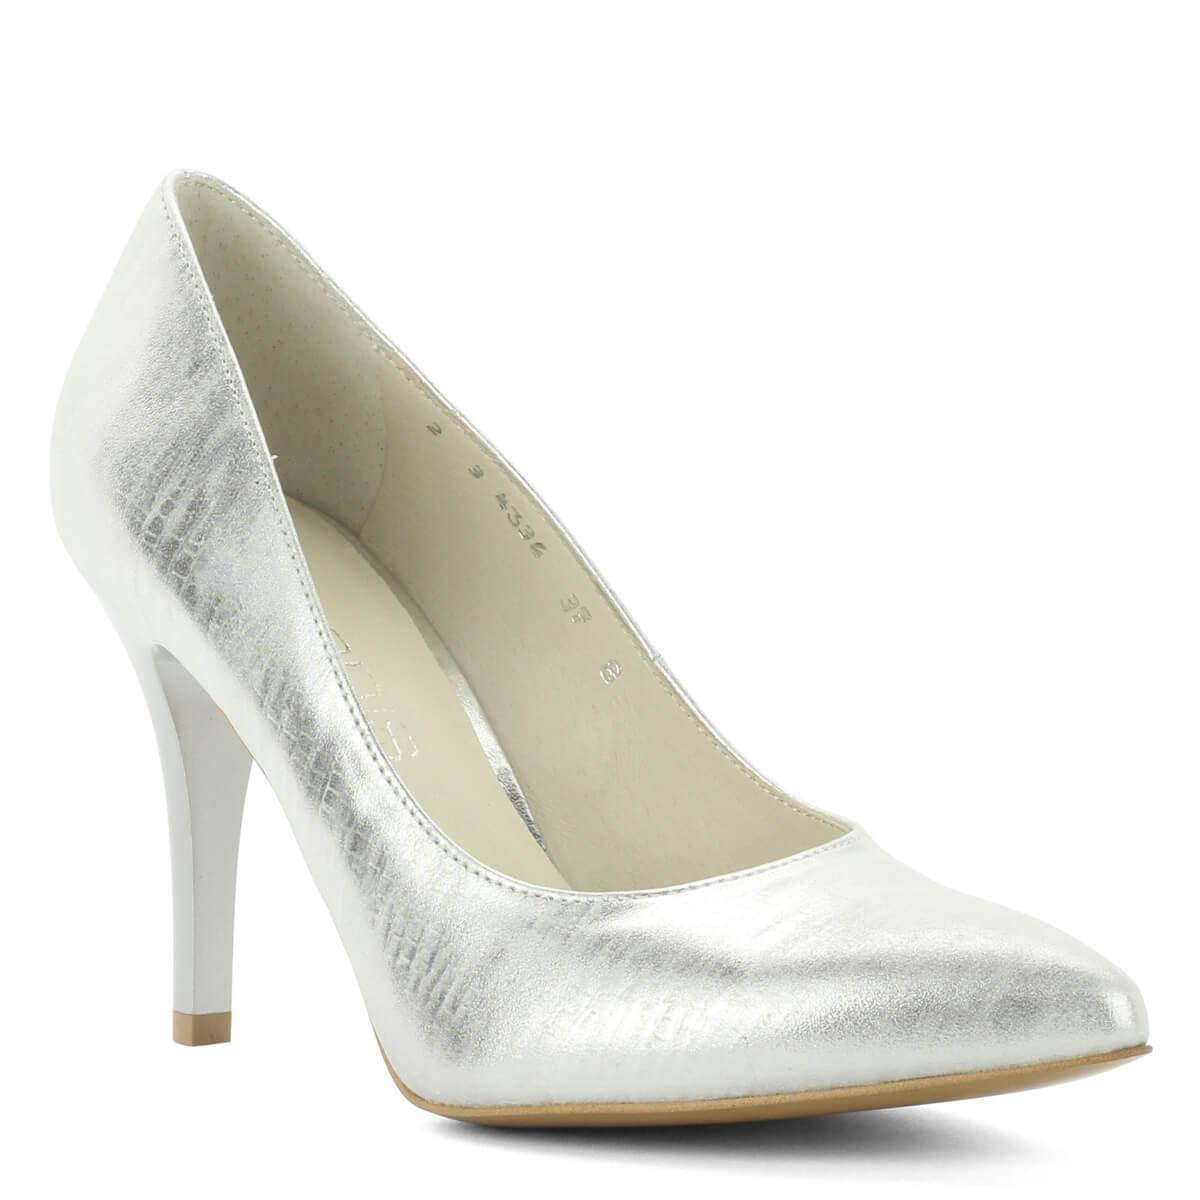 7cdb2f5dff Ezüst Anis magas sarkú cipő mintás bőr felsőrésszel, sarka 9 cm  magas.Domini Cipőüzlet